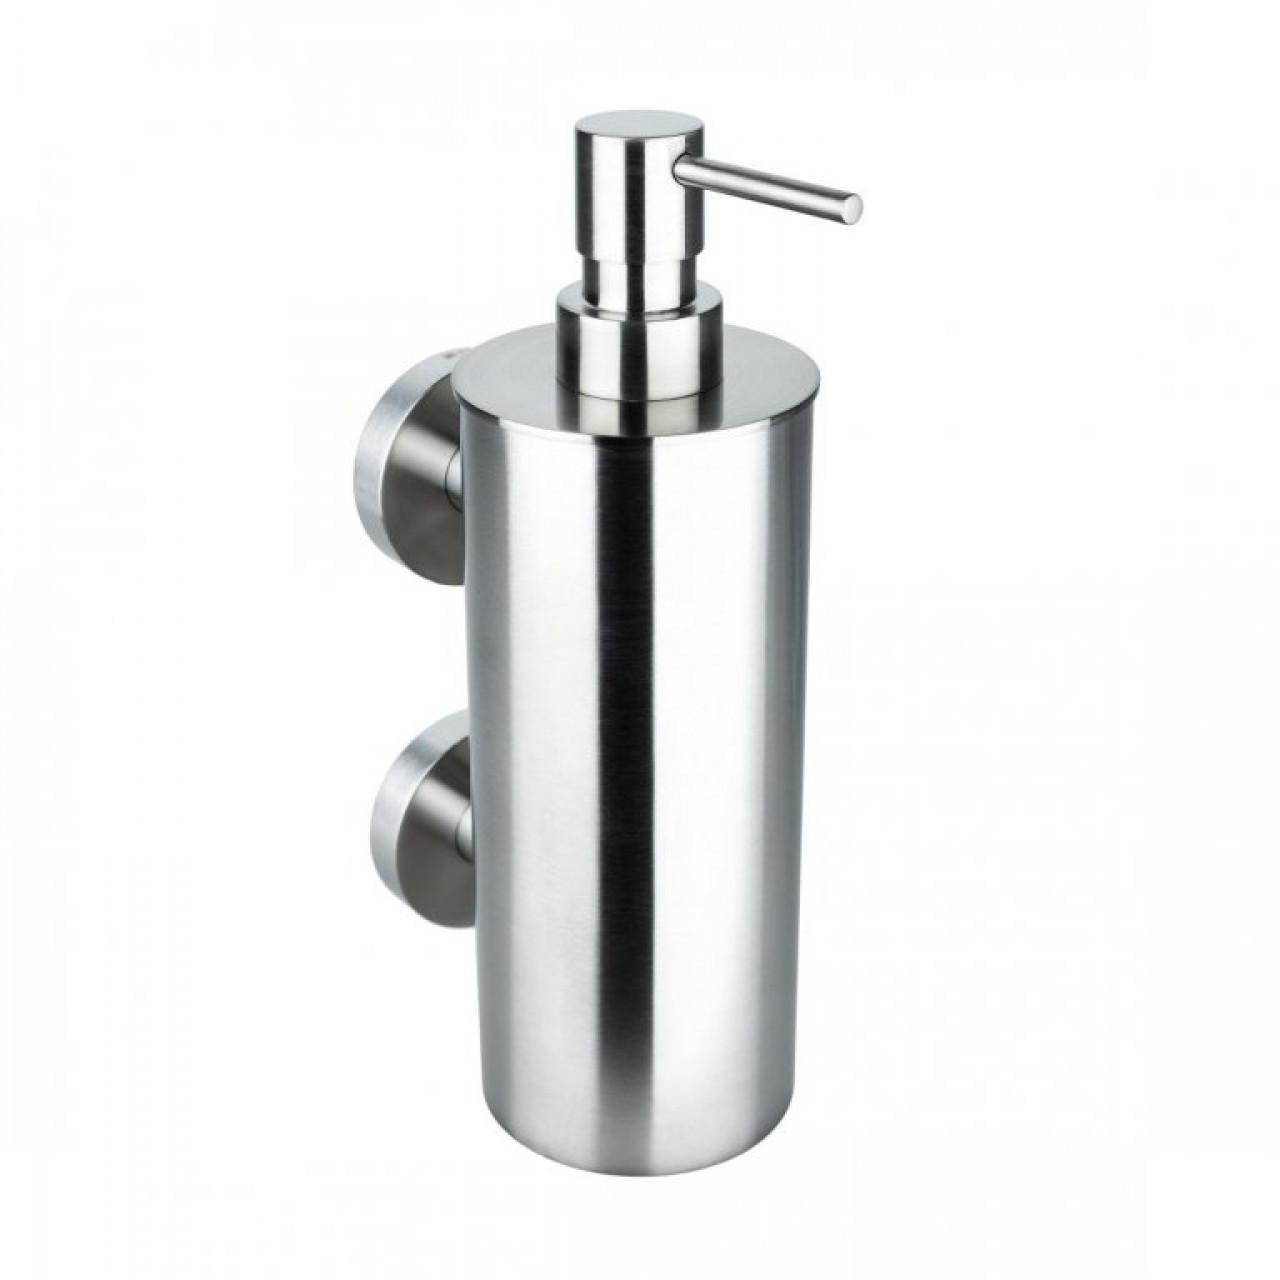 Настенный дозатор для жидкого мыла BEMETA NEO 104109035 купить в Москве по цене от 4908р. в интернет-магазине mebel-v-vannu.ru